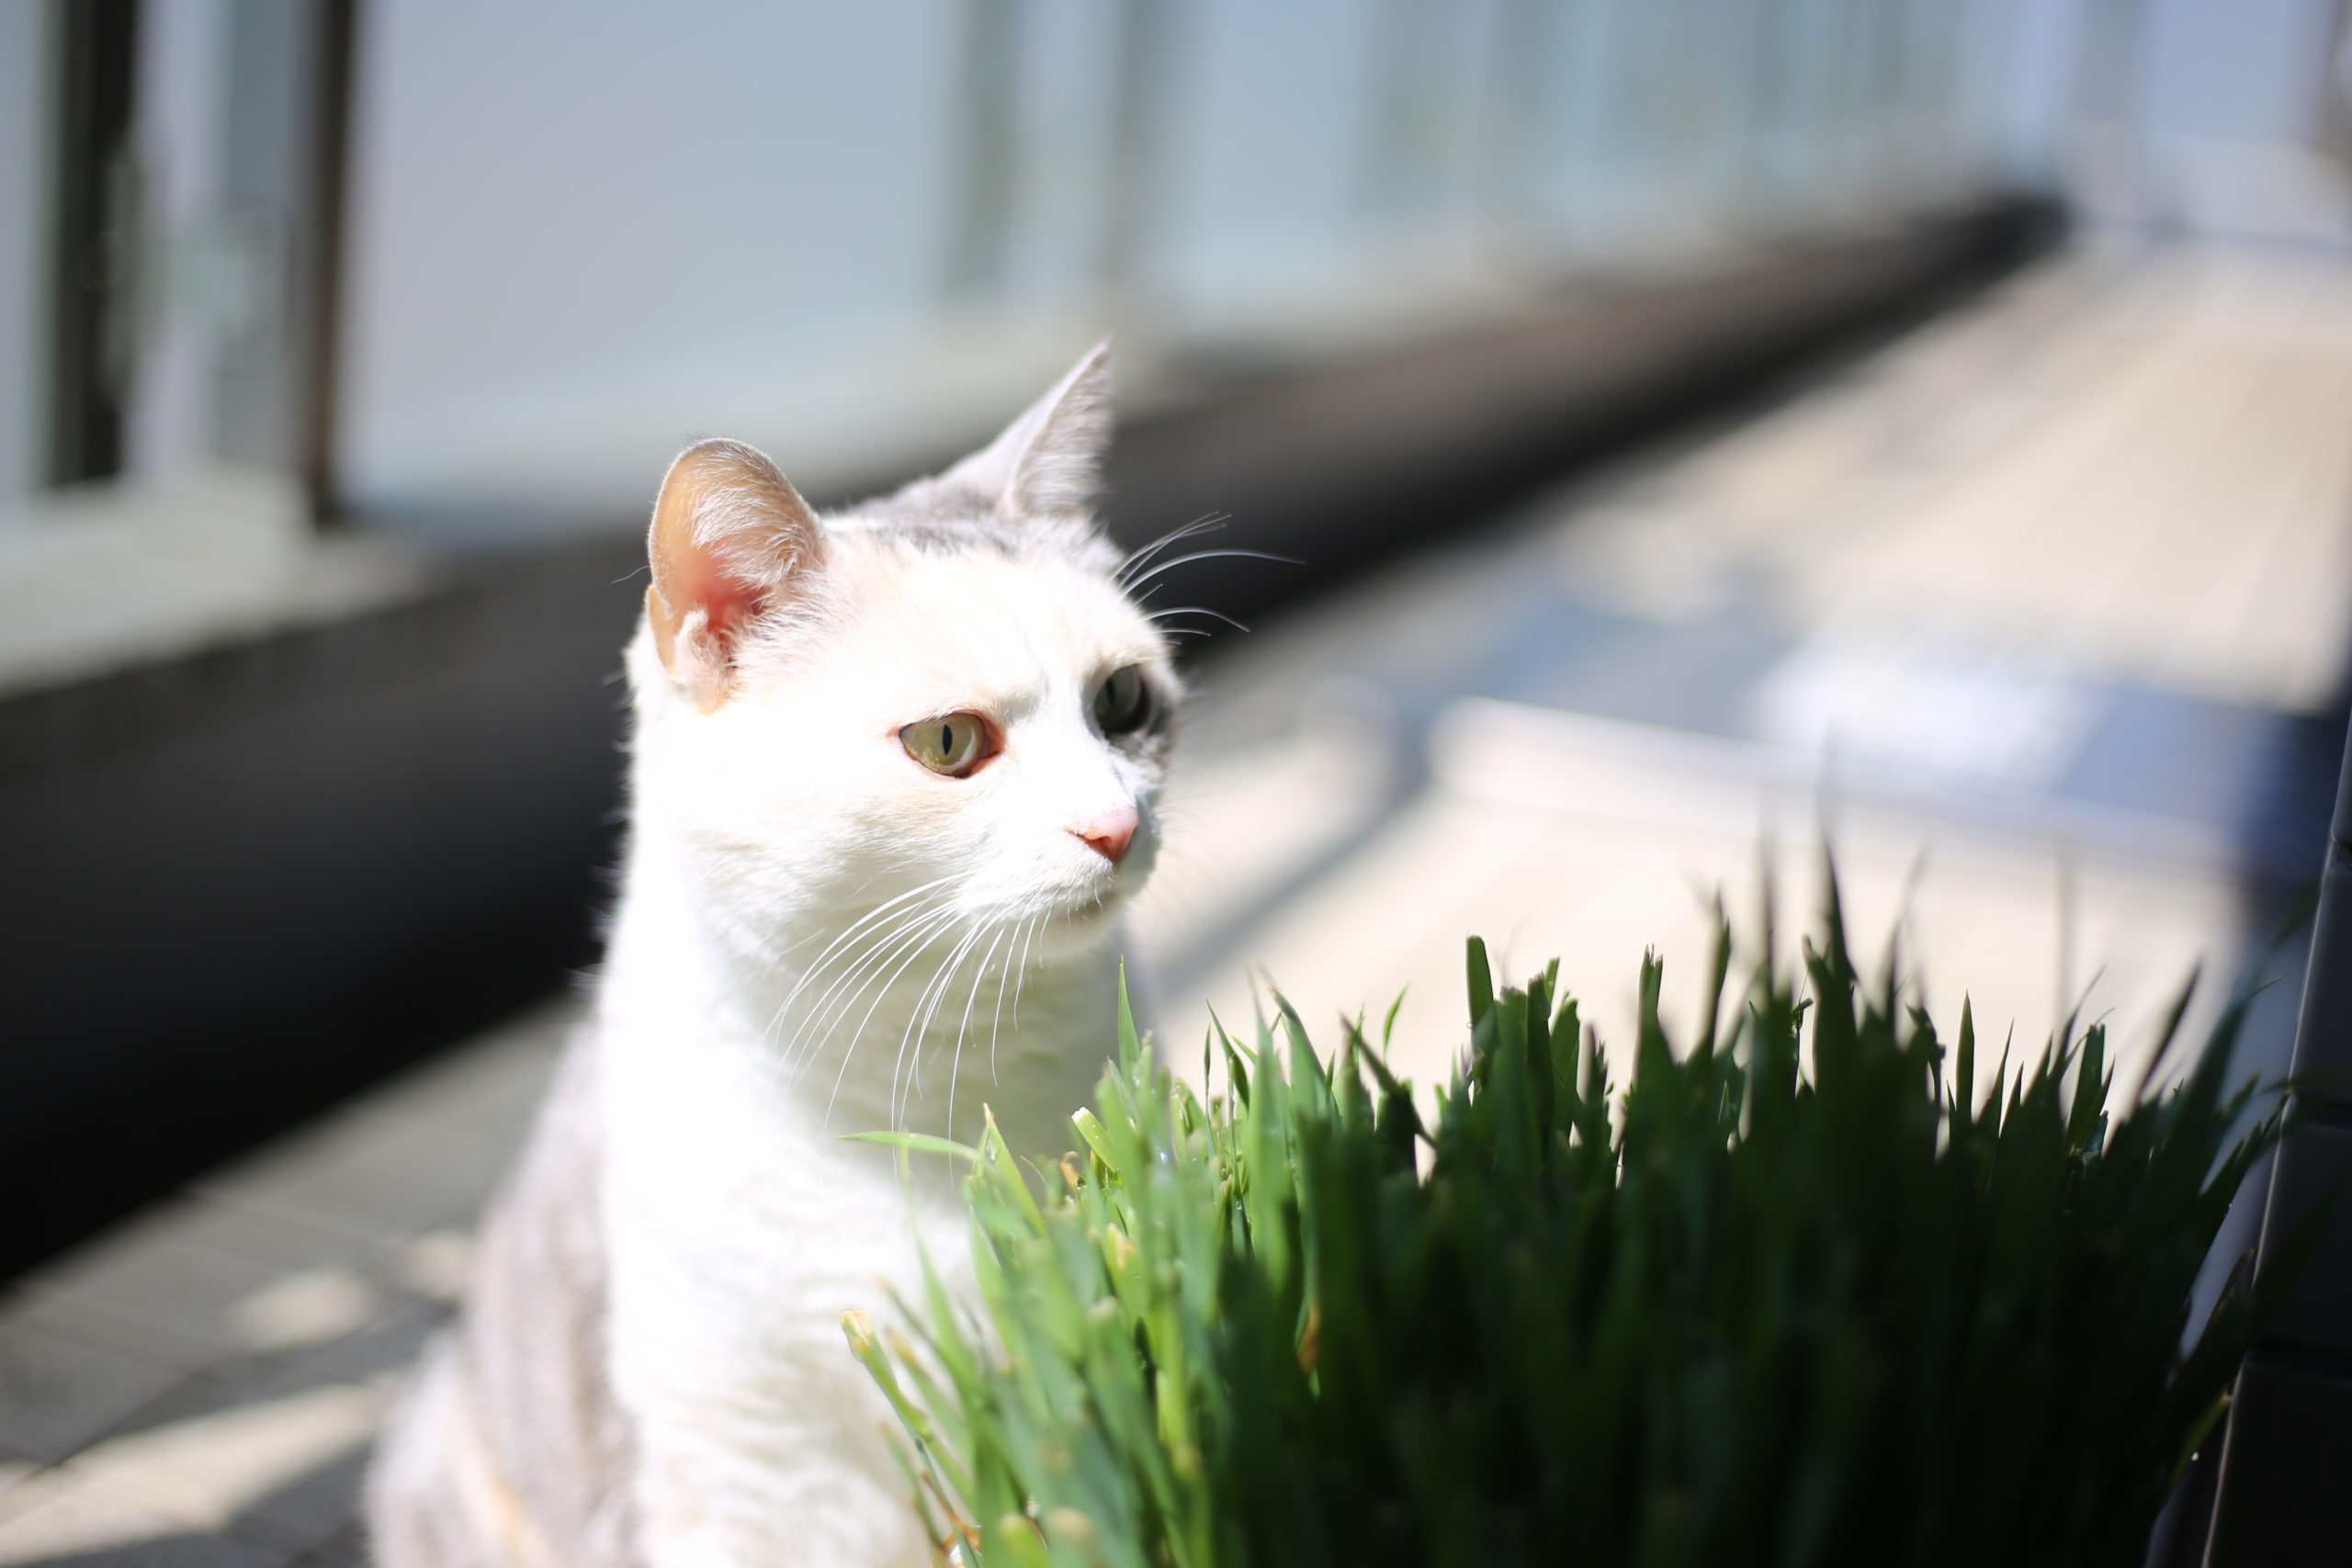 ネコがネコ草を食べる音って聞いたことありますか?